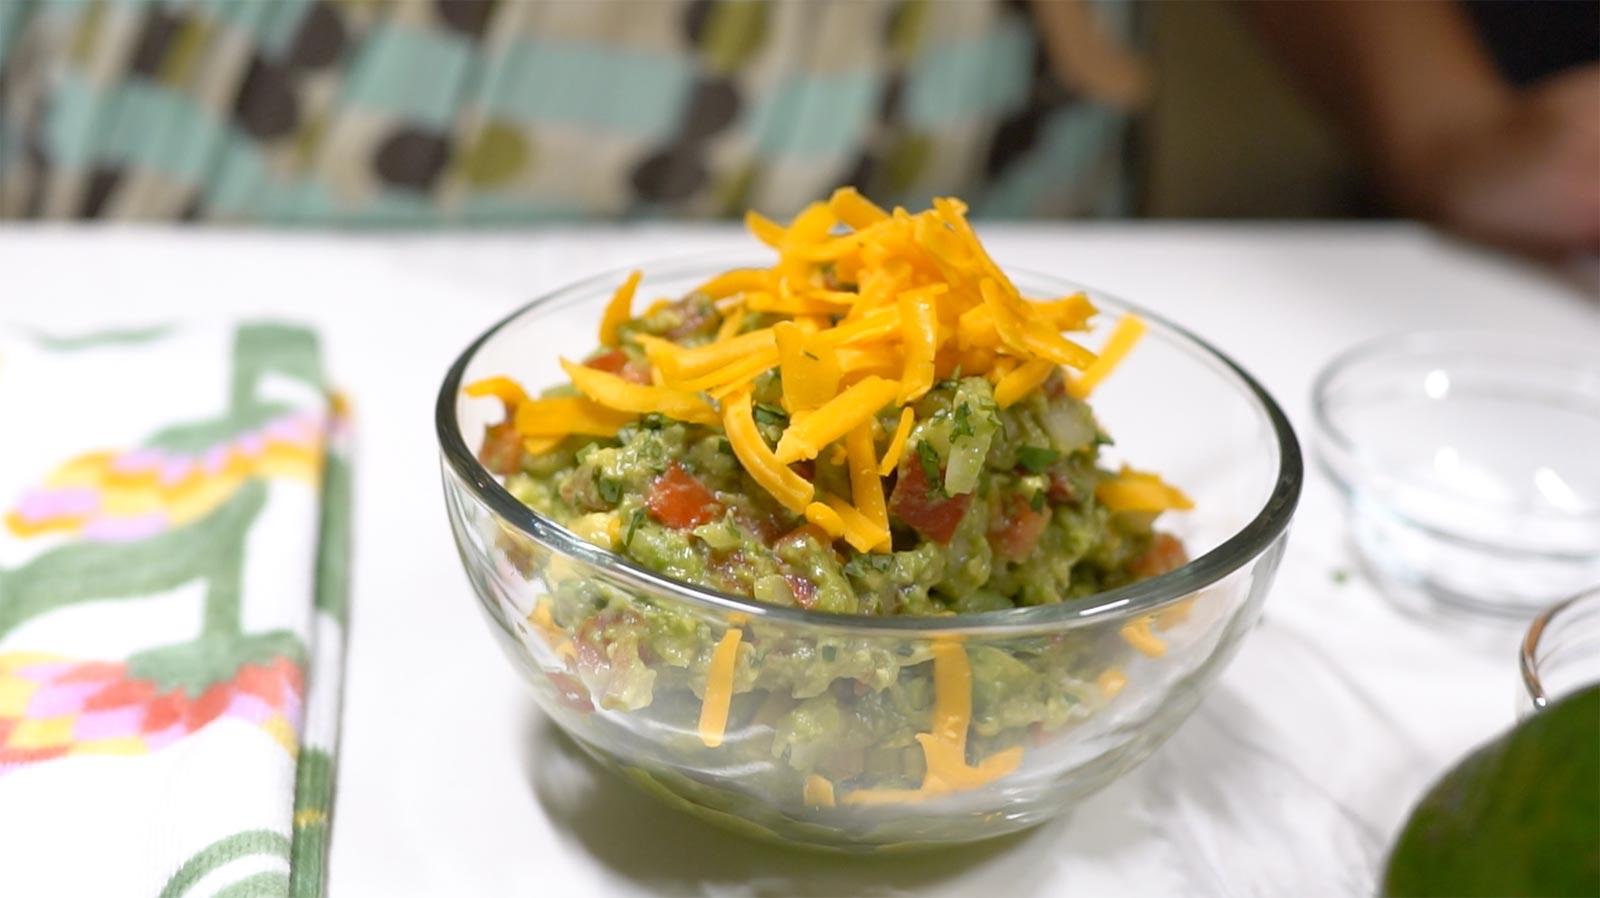 Tropical avocado and chayote squash guacamole dip recipe